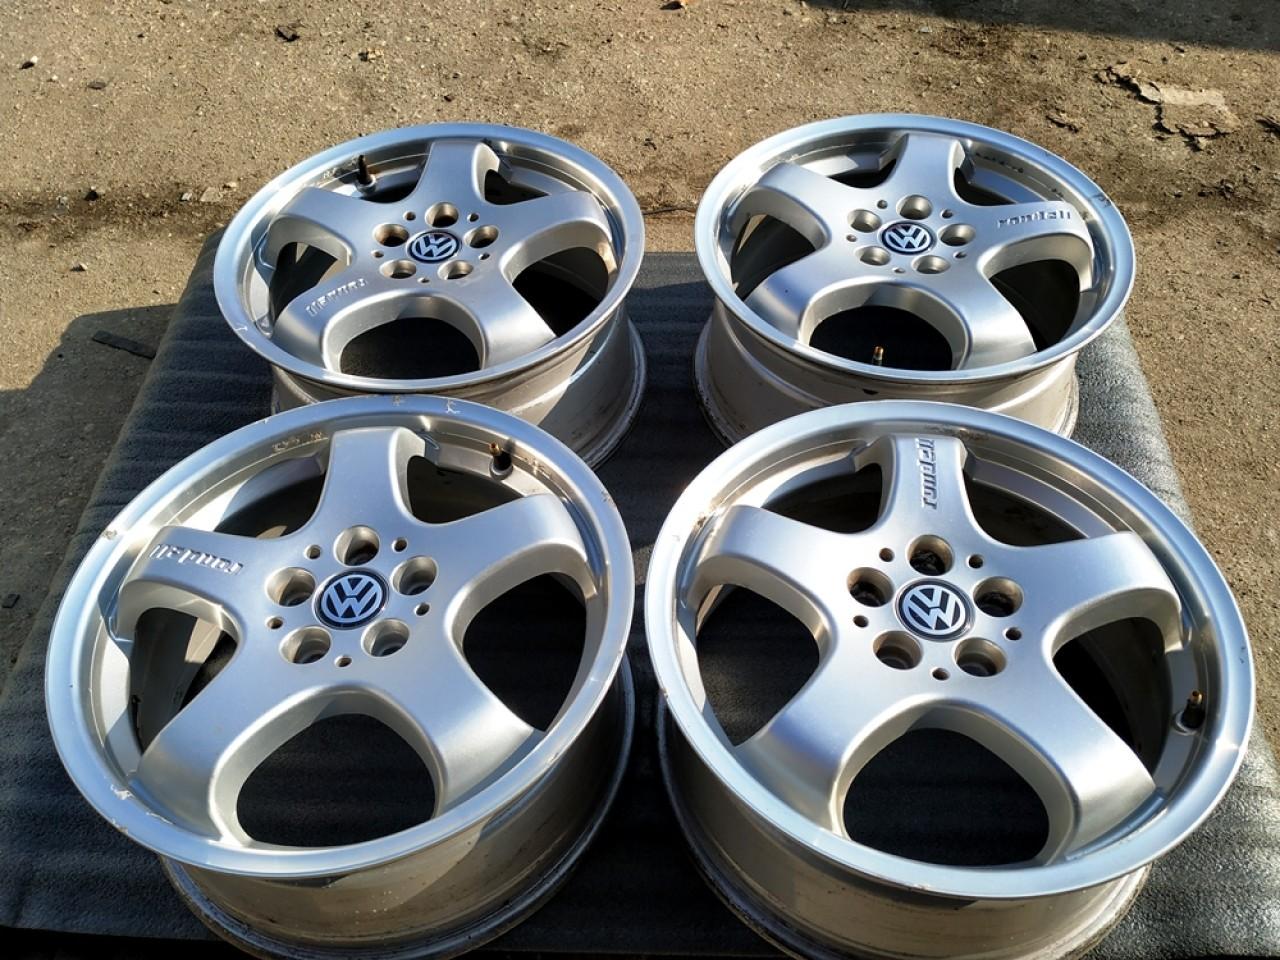 JANTE RONDELL 17 5X112 VW AUDI